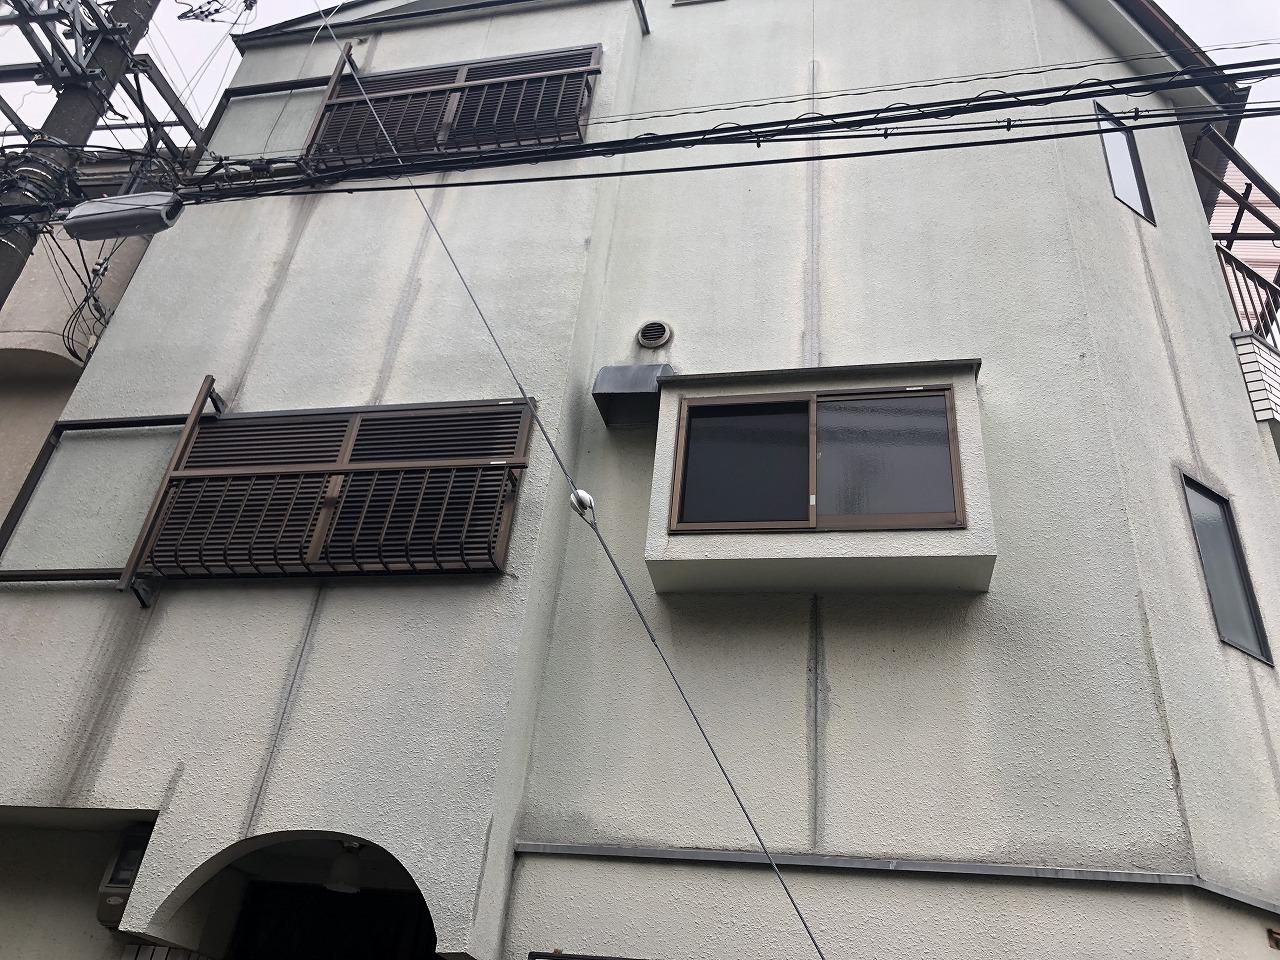 吹田市3階建て中古物件が塗装工事で新築の様に仕上がりました!